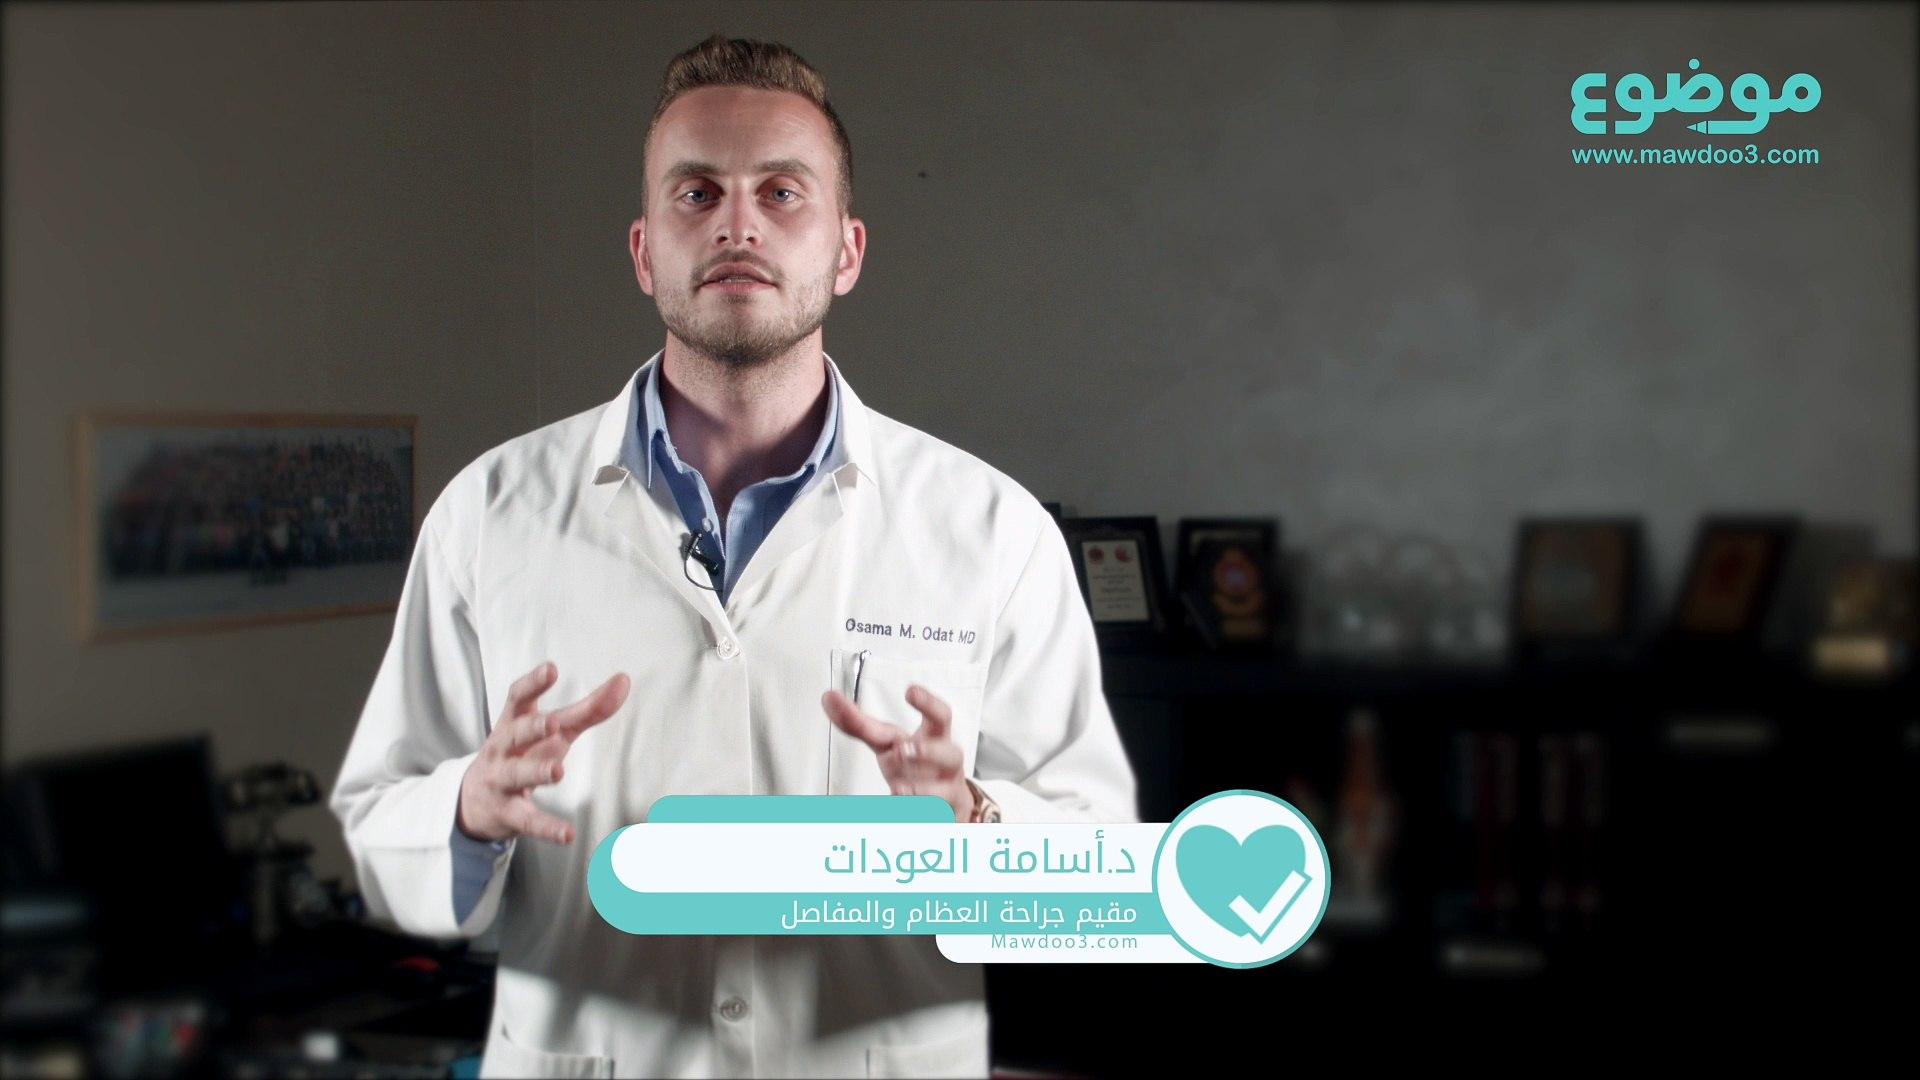 #موضوع: ما هو #علاج #كسور #العظام ومضاعفاته